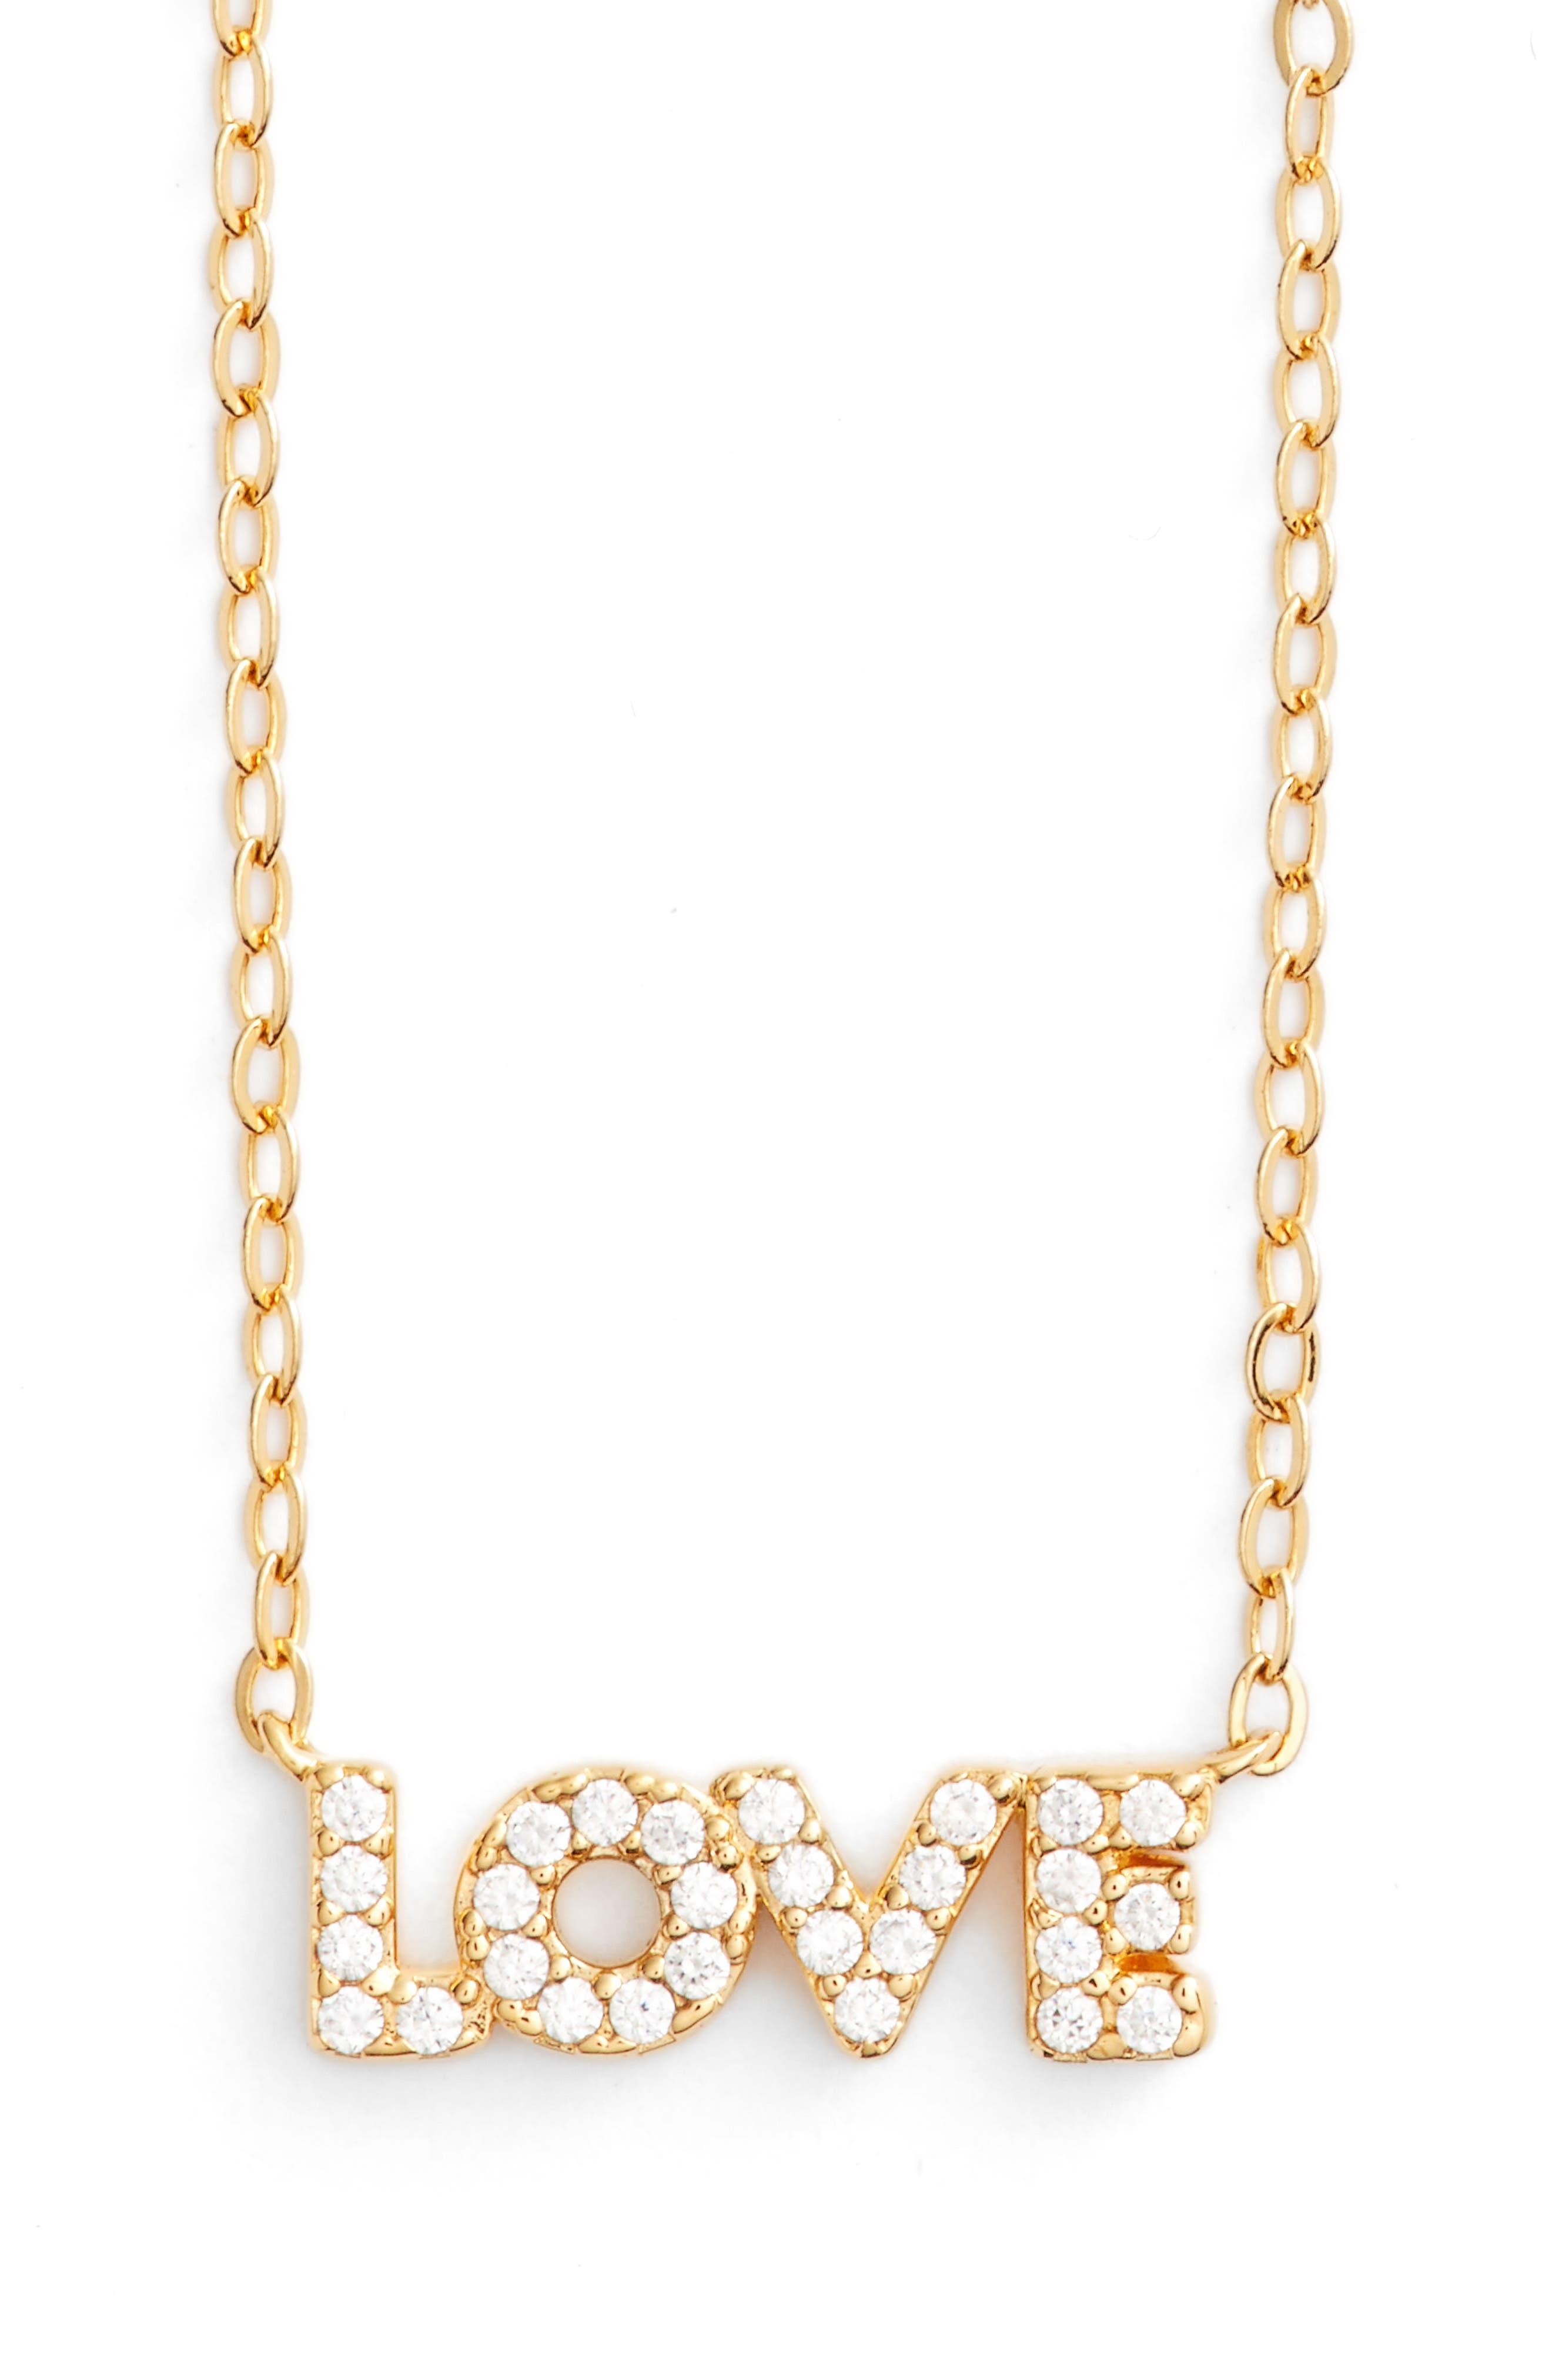 Sentimental Love Pendant Necklace,                         Main,                         color, Gold